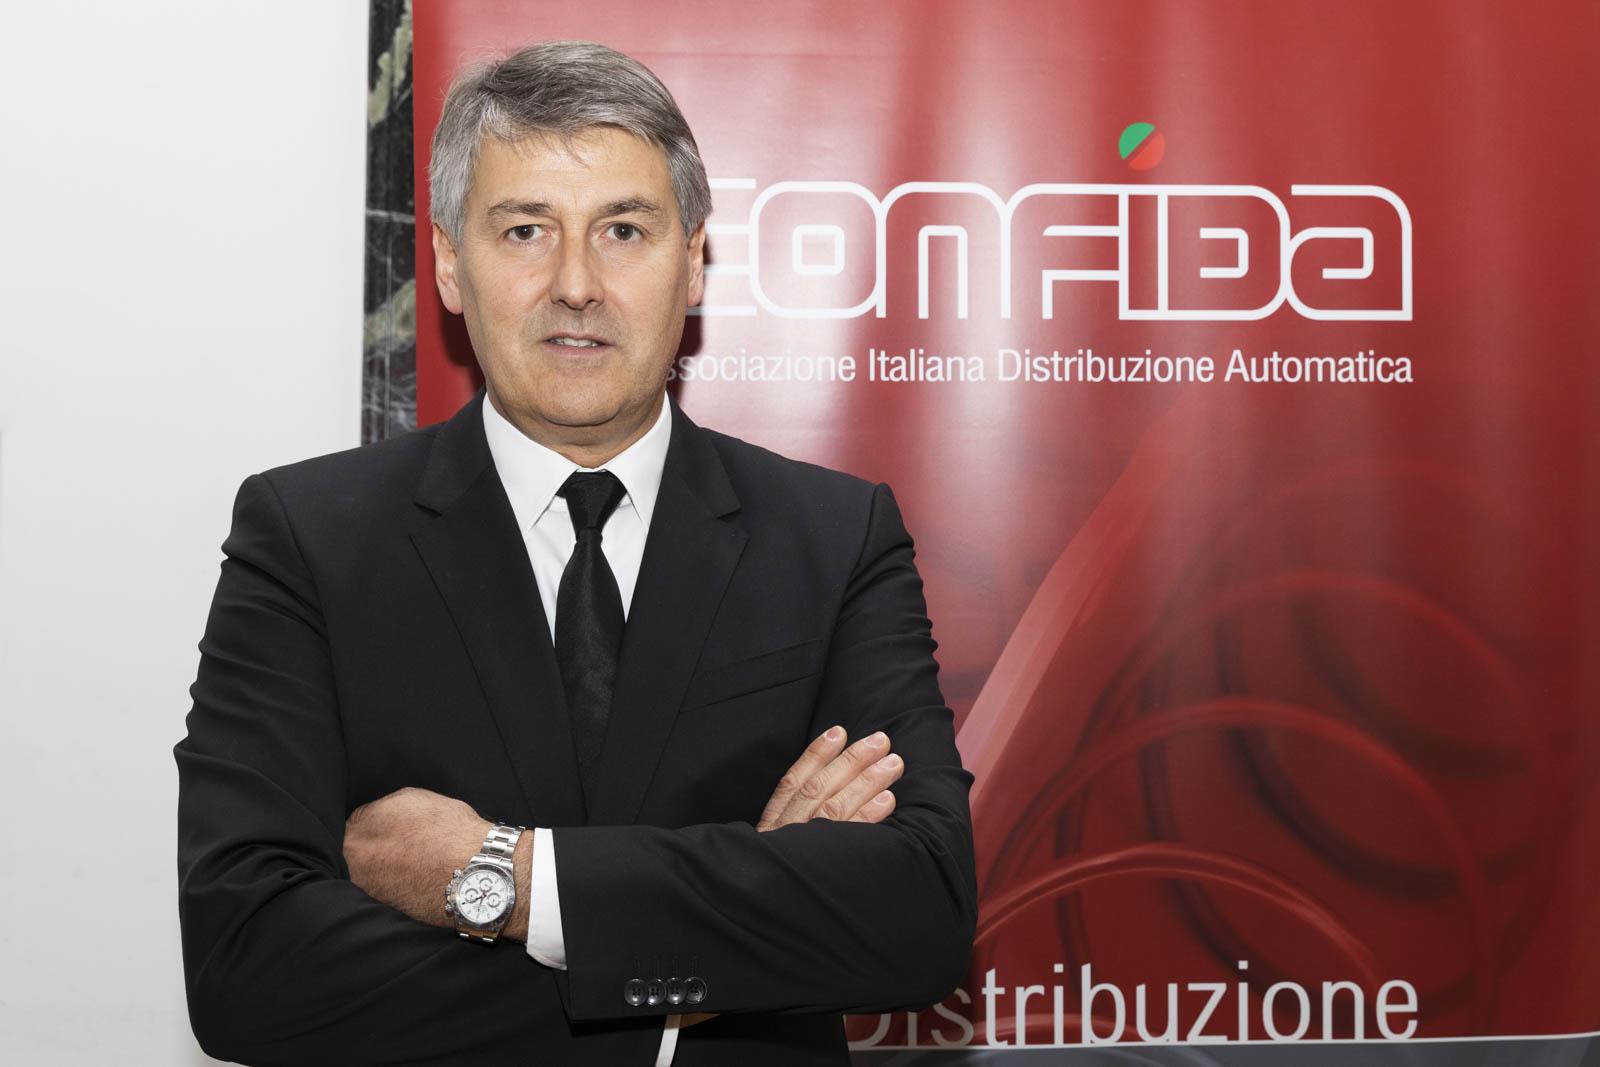 Интервью с президентом CONFIDA Массимо Траплетти вендинг сейчас убыточен на 25-30%